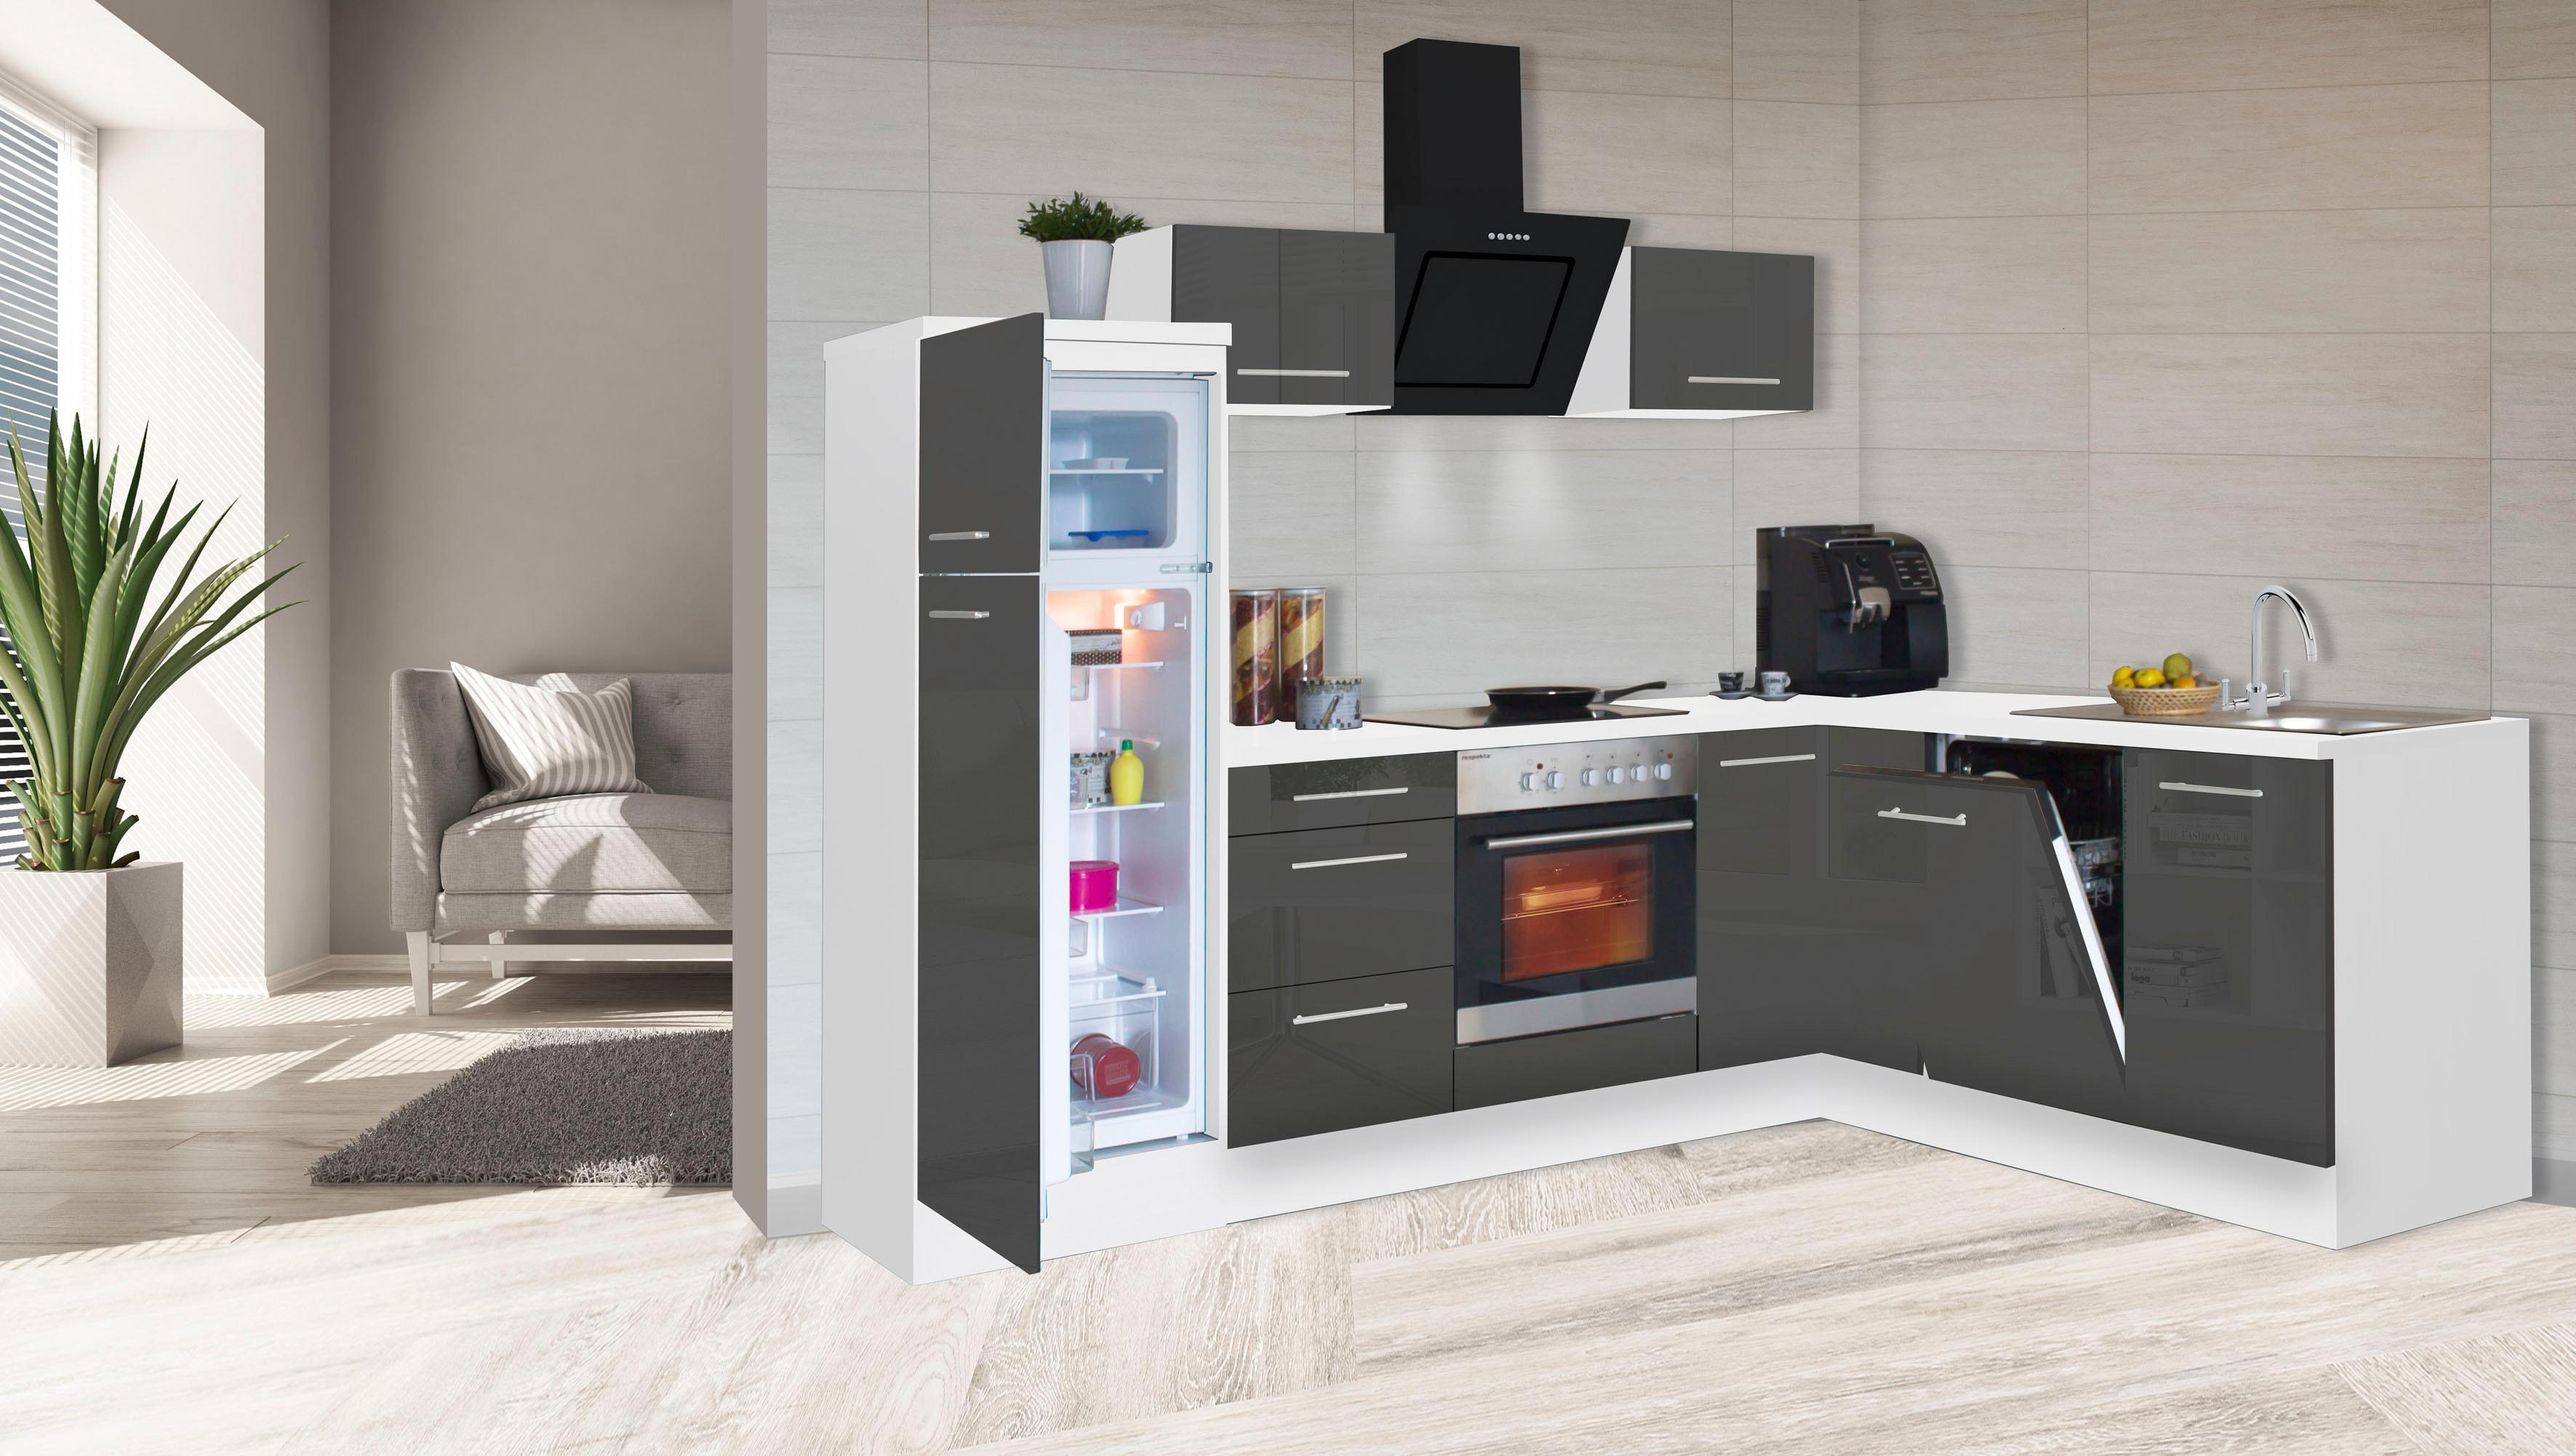 RESPEKTA Winkelküche RP260 mit E-Geräten Breite 260 cm